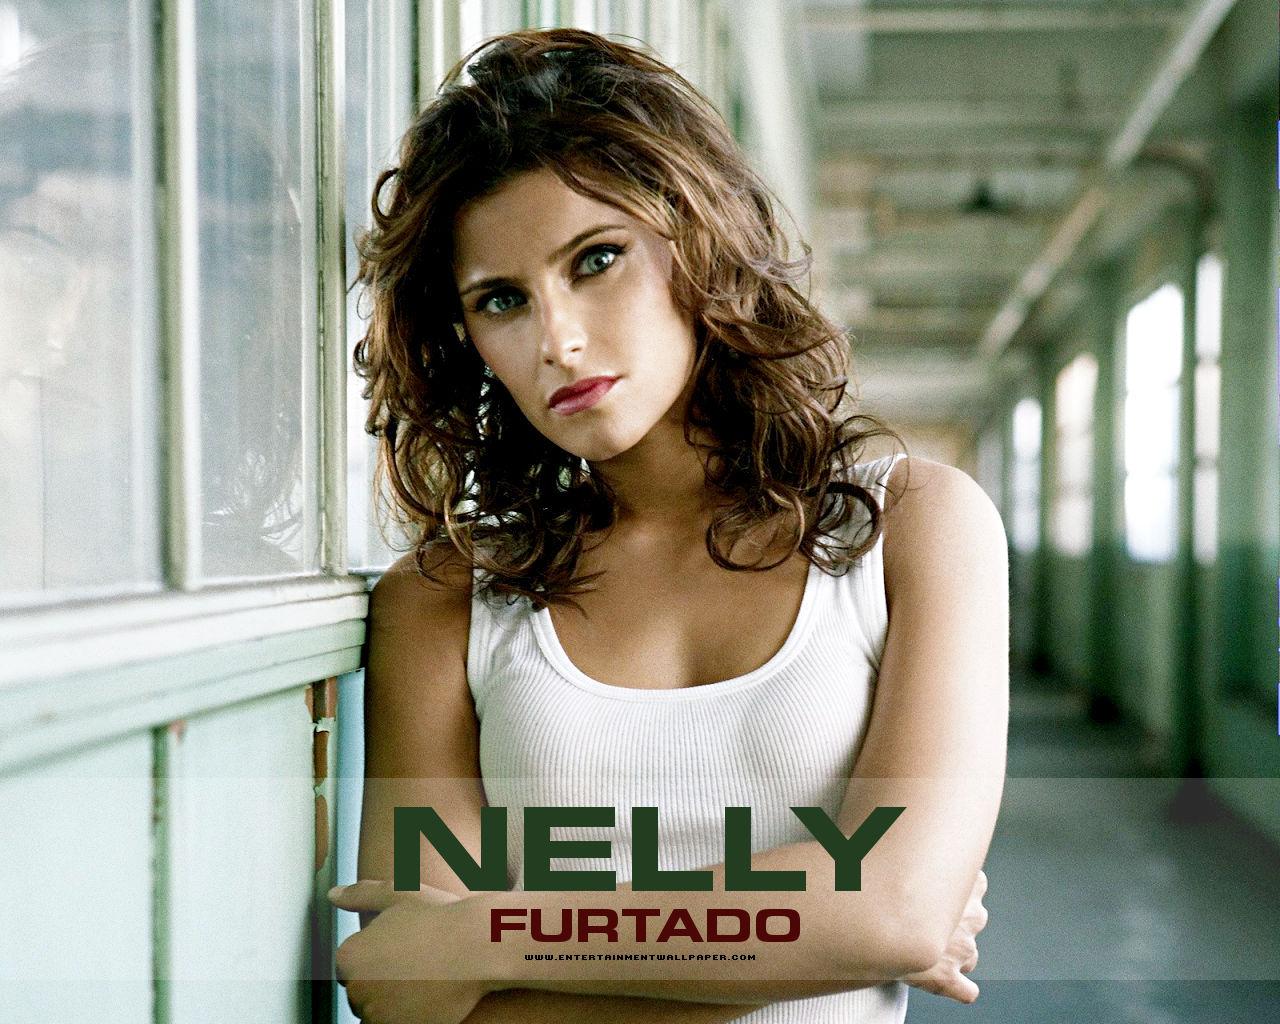 http://3.bp.blogspot.com/-EaO1HJhYC-I/T45gkni0y0I/AAAAAAAAGJ8/5Kh6UaEphRc/s1600/Nelly%2BFurtado%2Bto%2BLaunch%2B%2527The%2BSpirit%2BIndestructible%2527.jpg